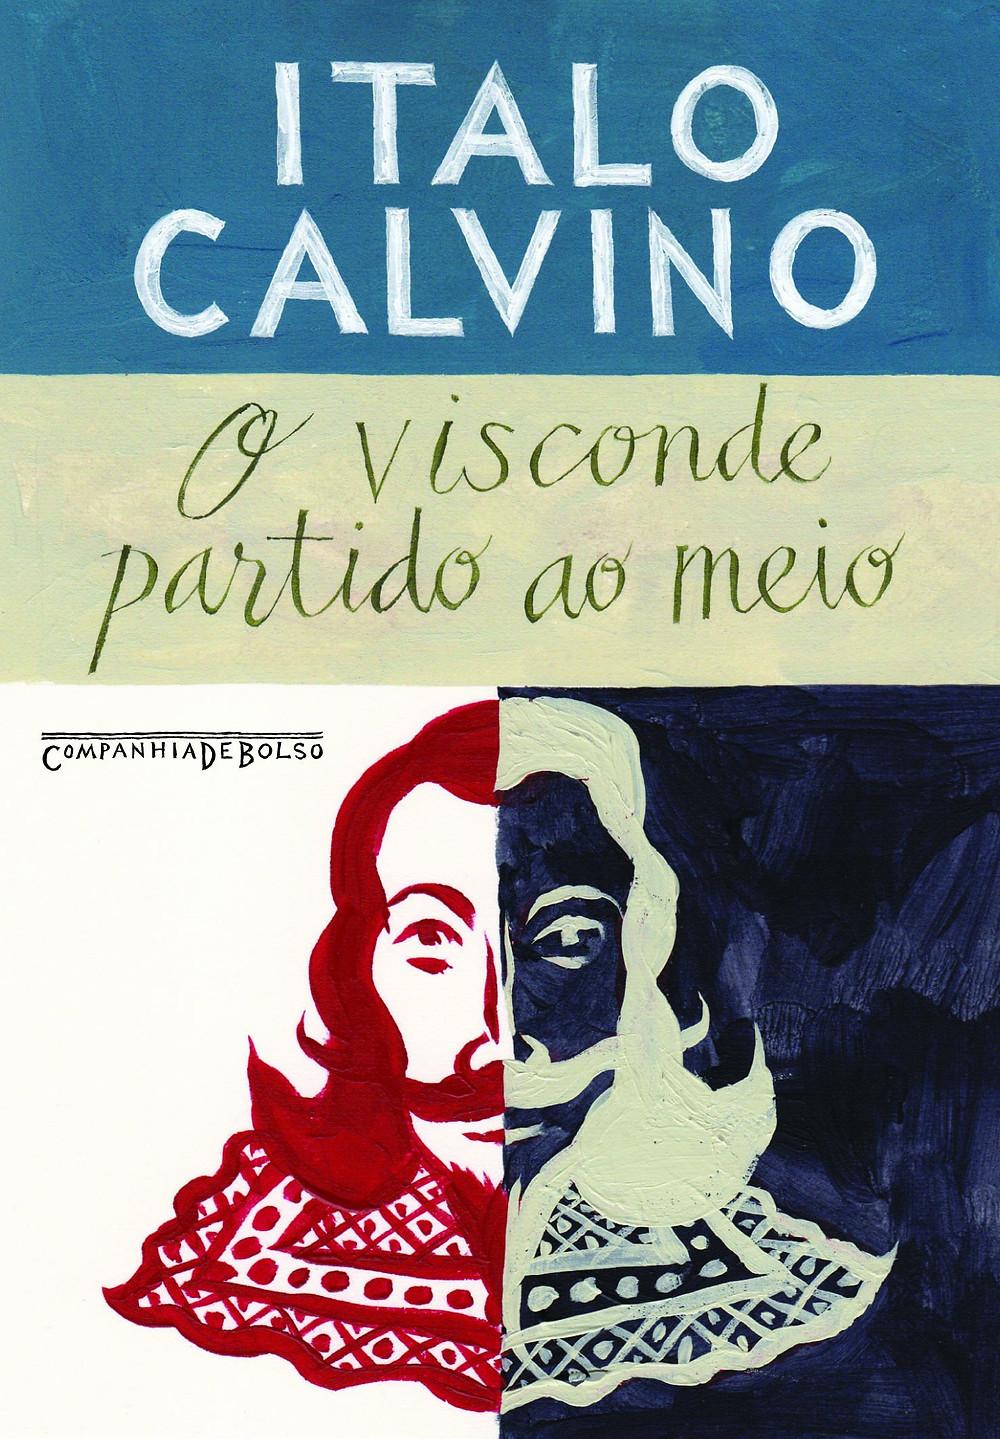 O Visconde Partido ao Meio de Italo Calvino